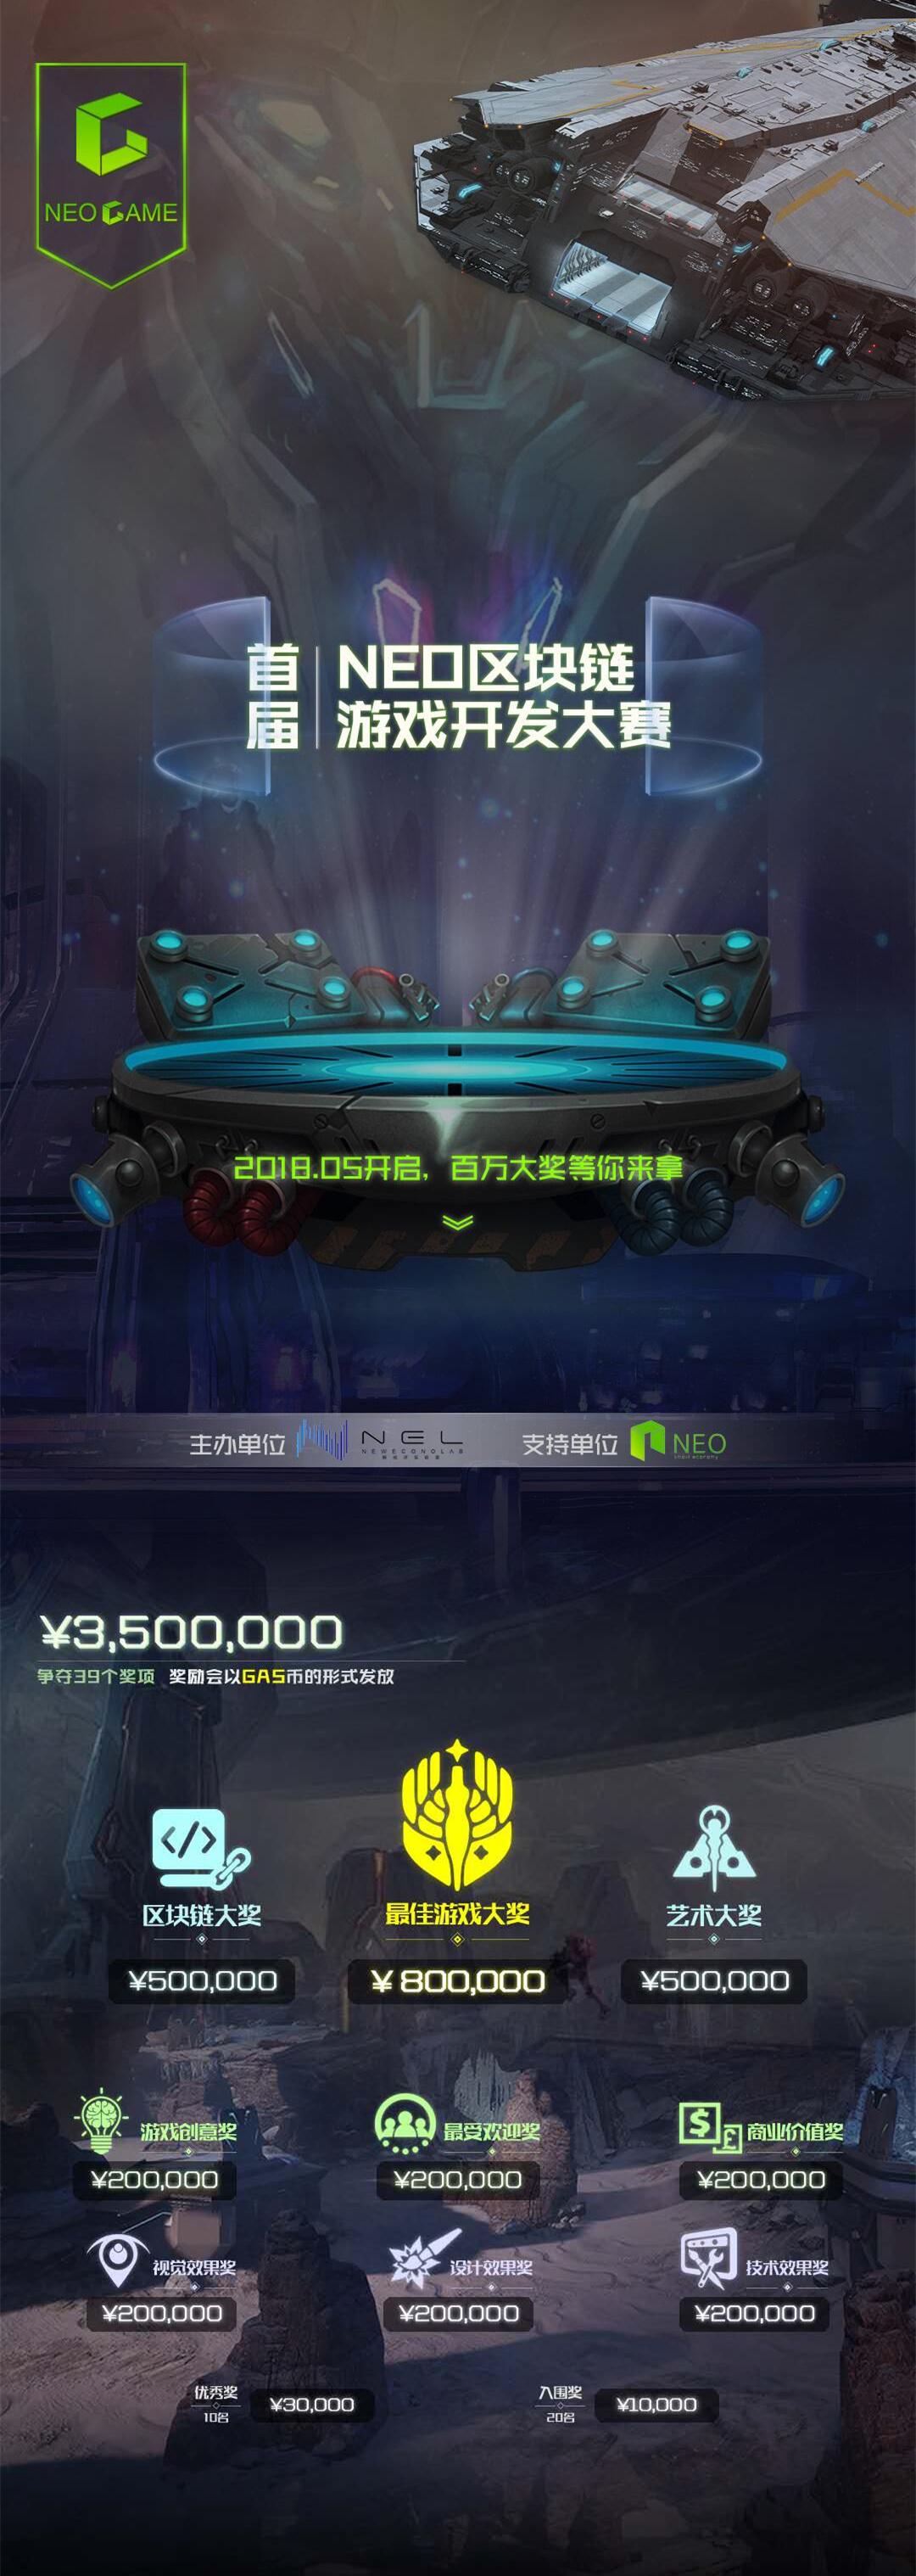 百万奖金助力首届NEO区块链游戏大赛全球火热报名中